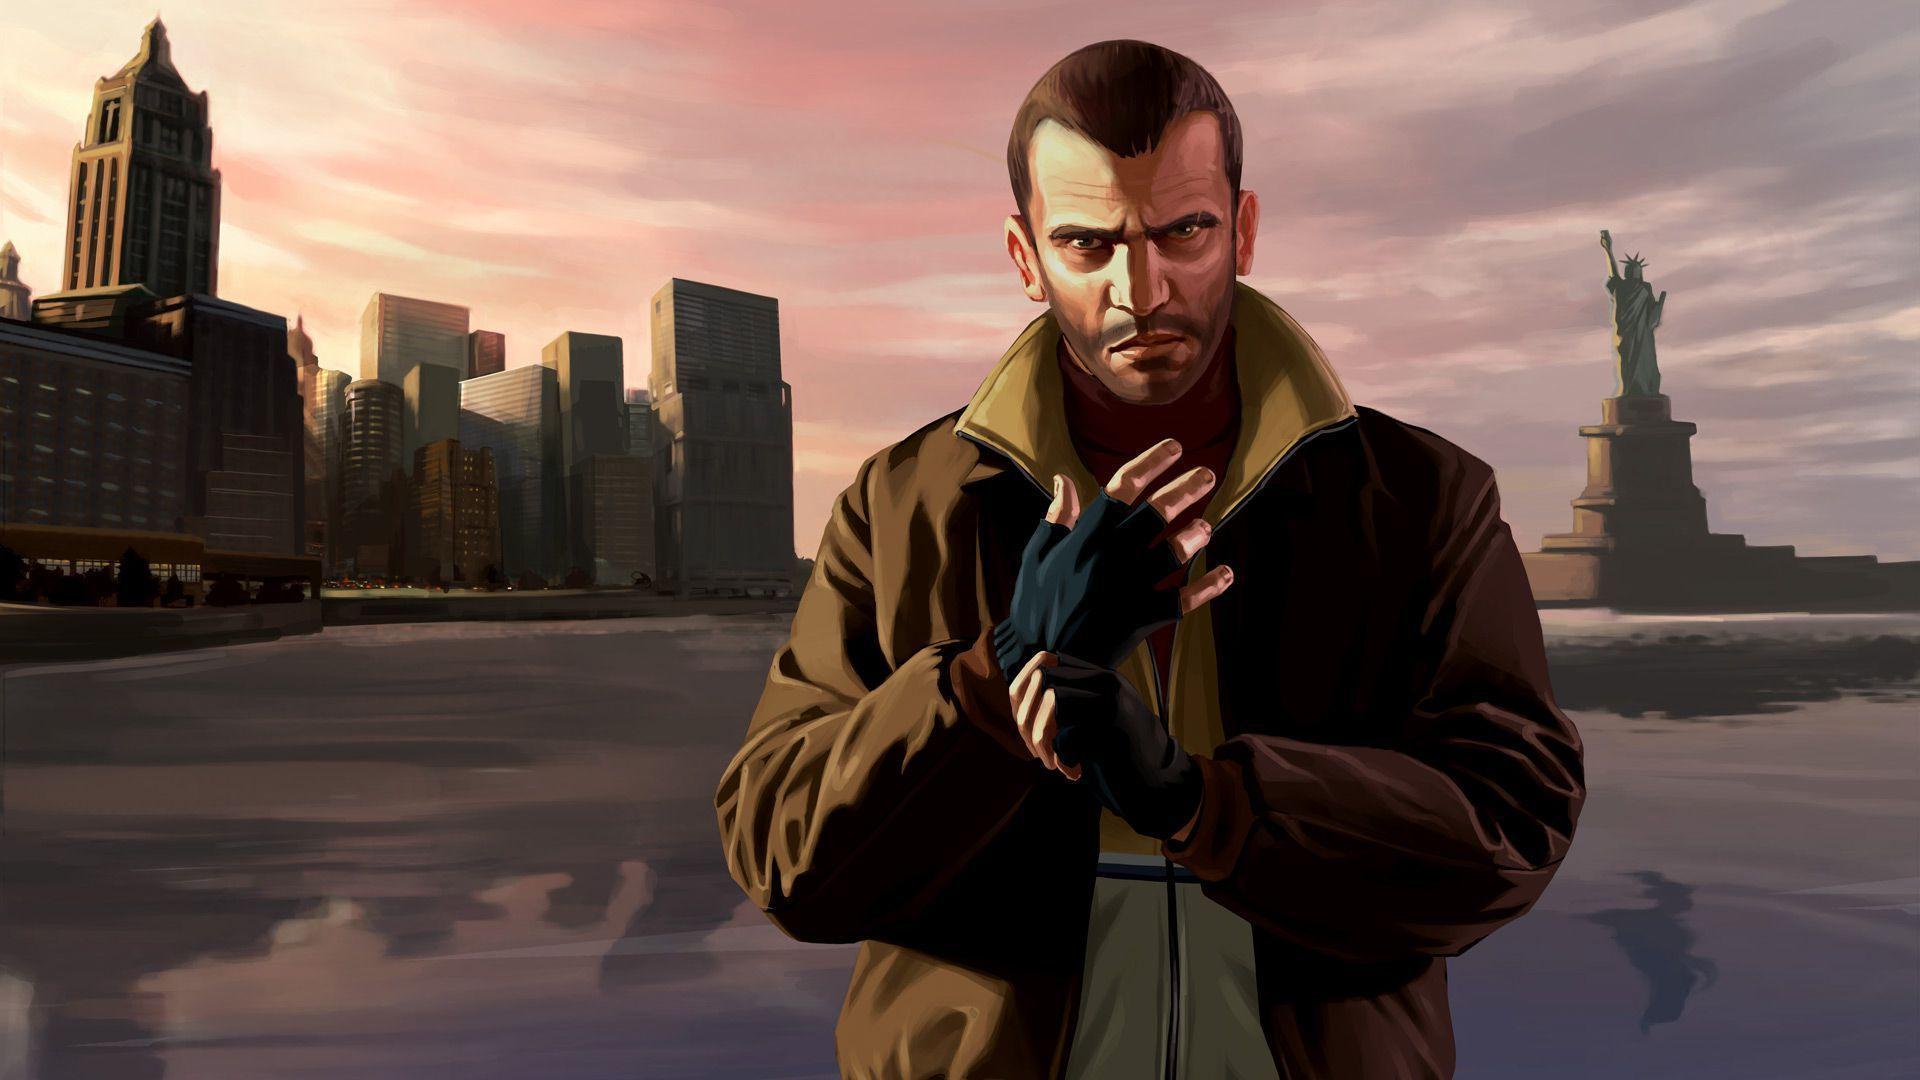 Une histoire tragique et un monde immense à explorer ont fait de Niko Belic un des personnages les plus appréciés